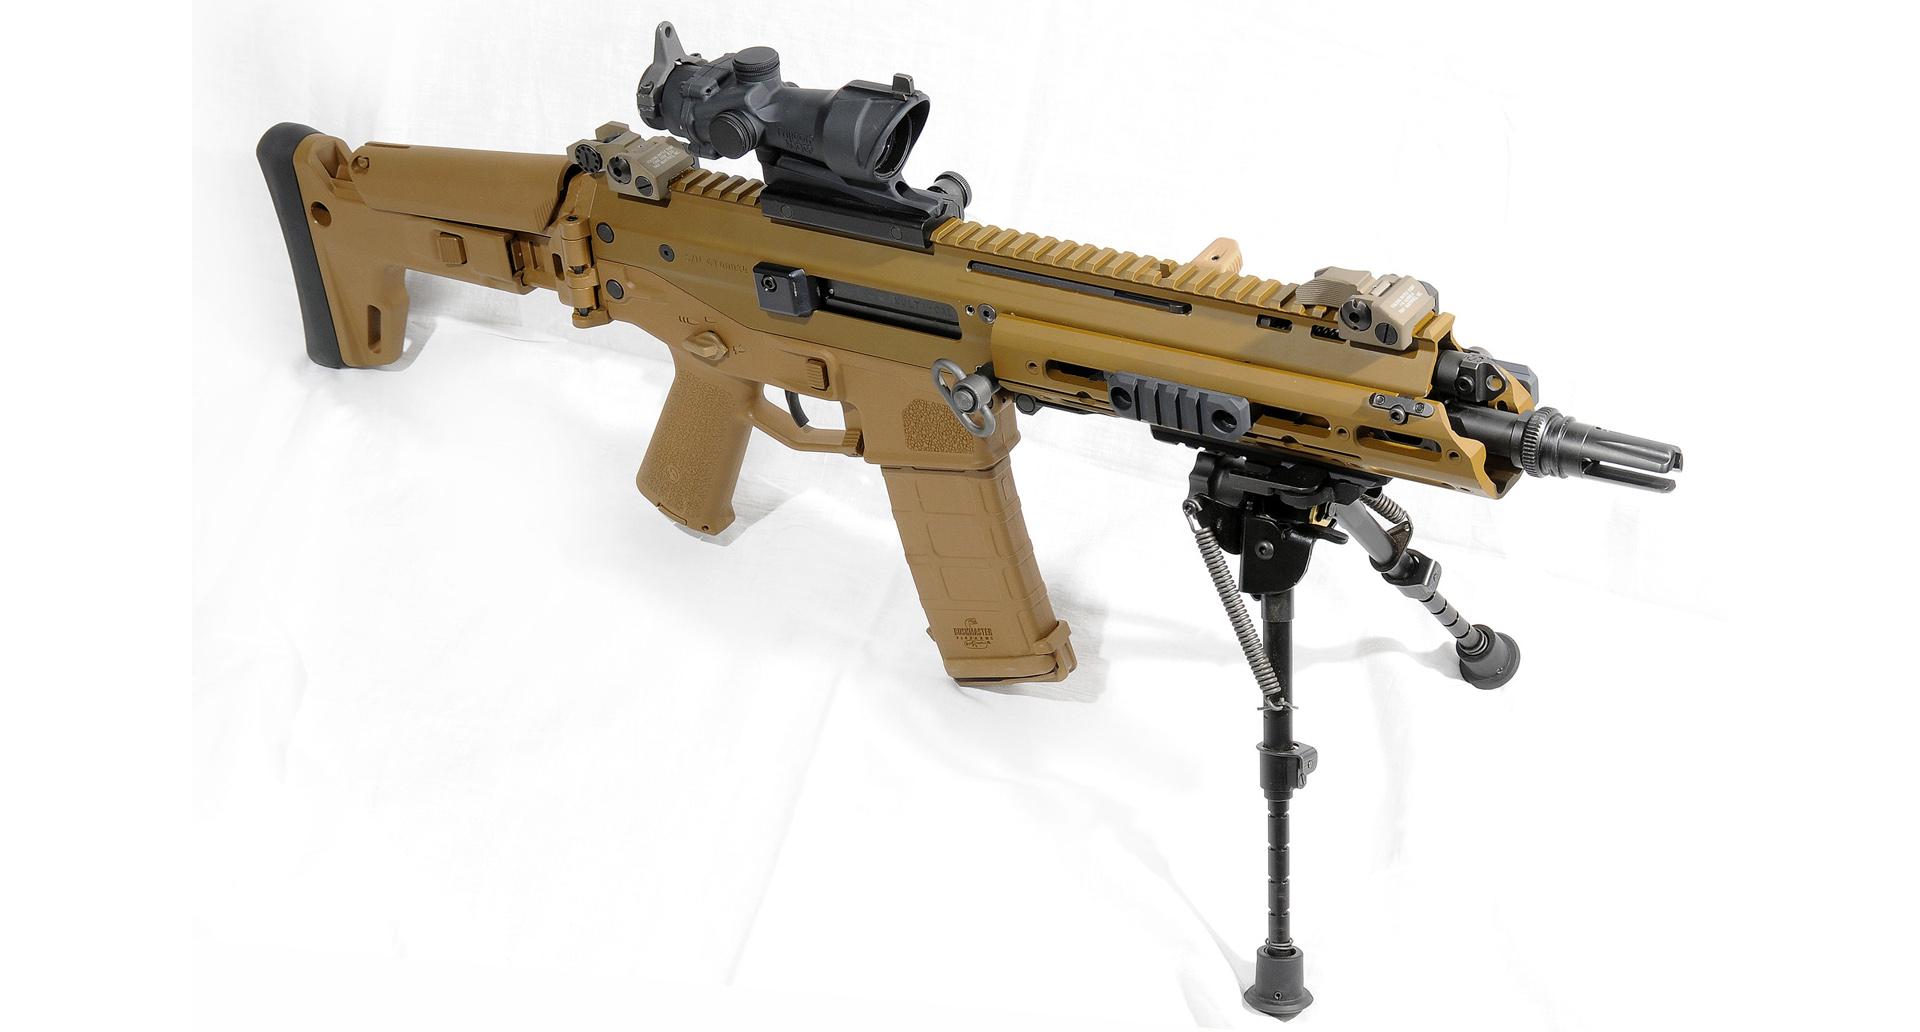 Remington ACR - Remington Arms - Pro Zone - Articles ...